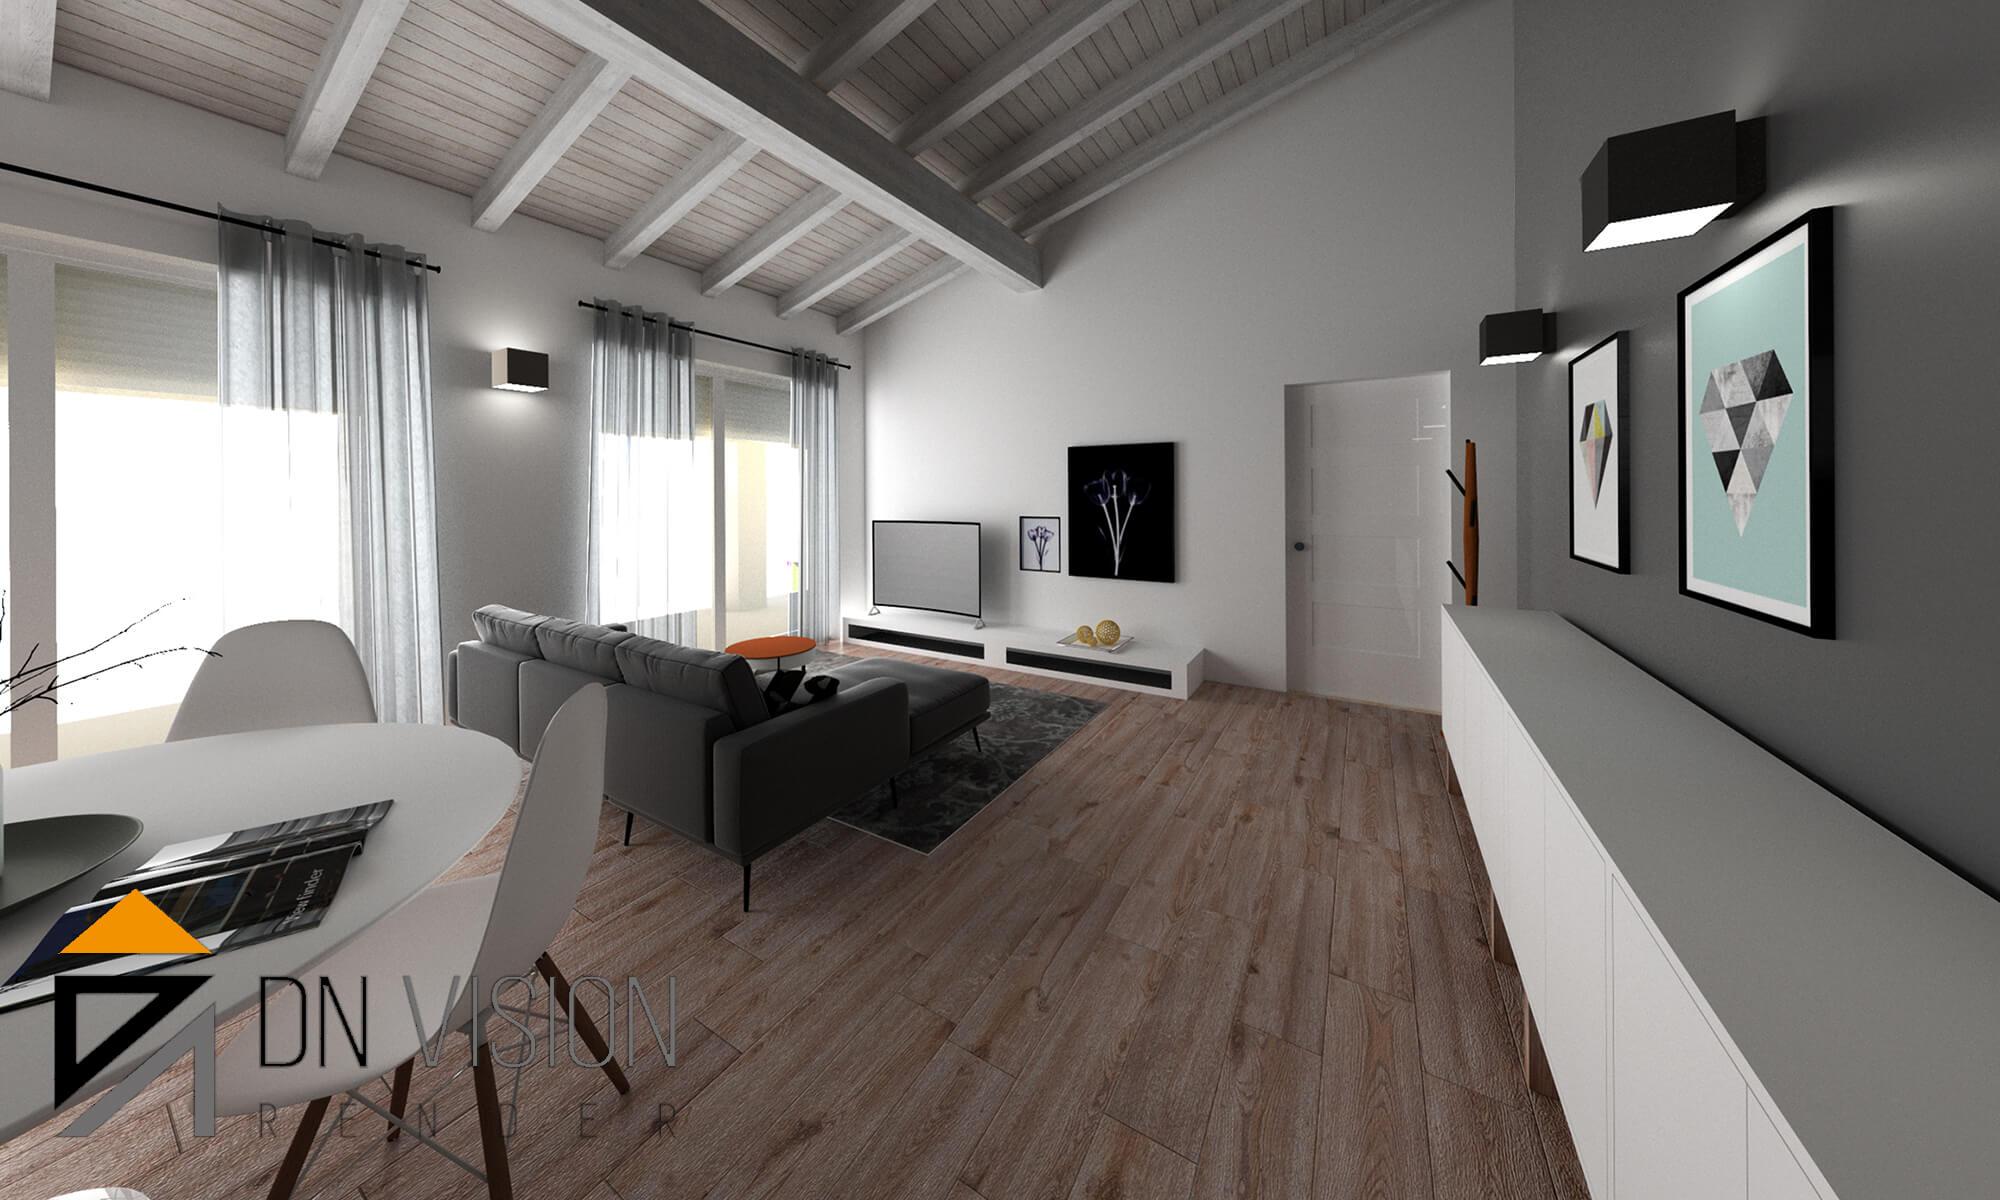 progettare casa online, RENDERING INTERNI